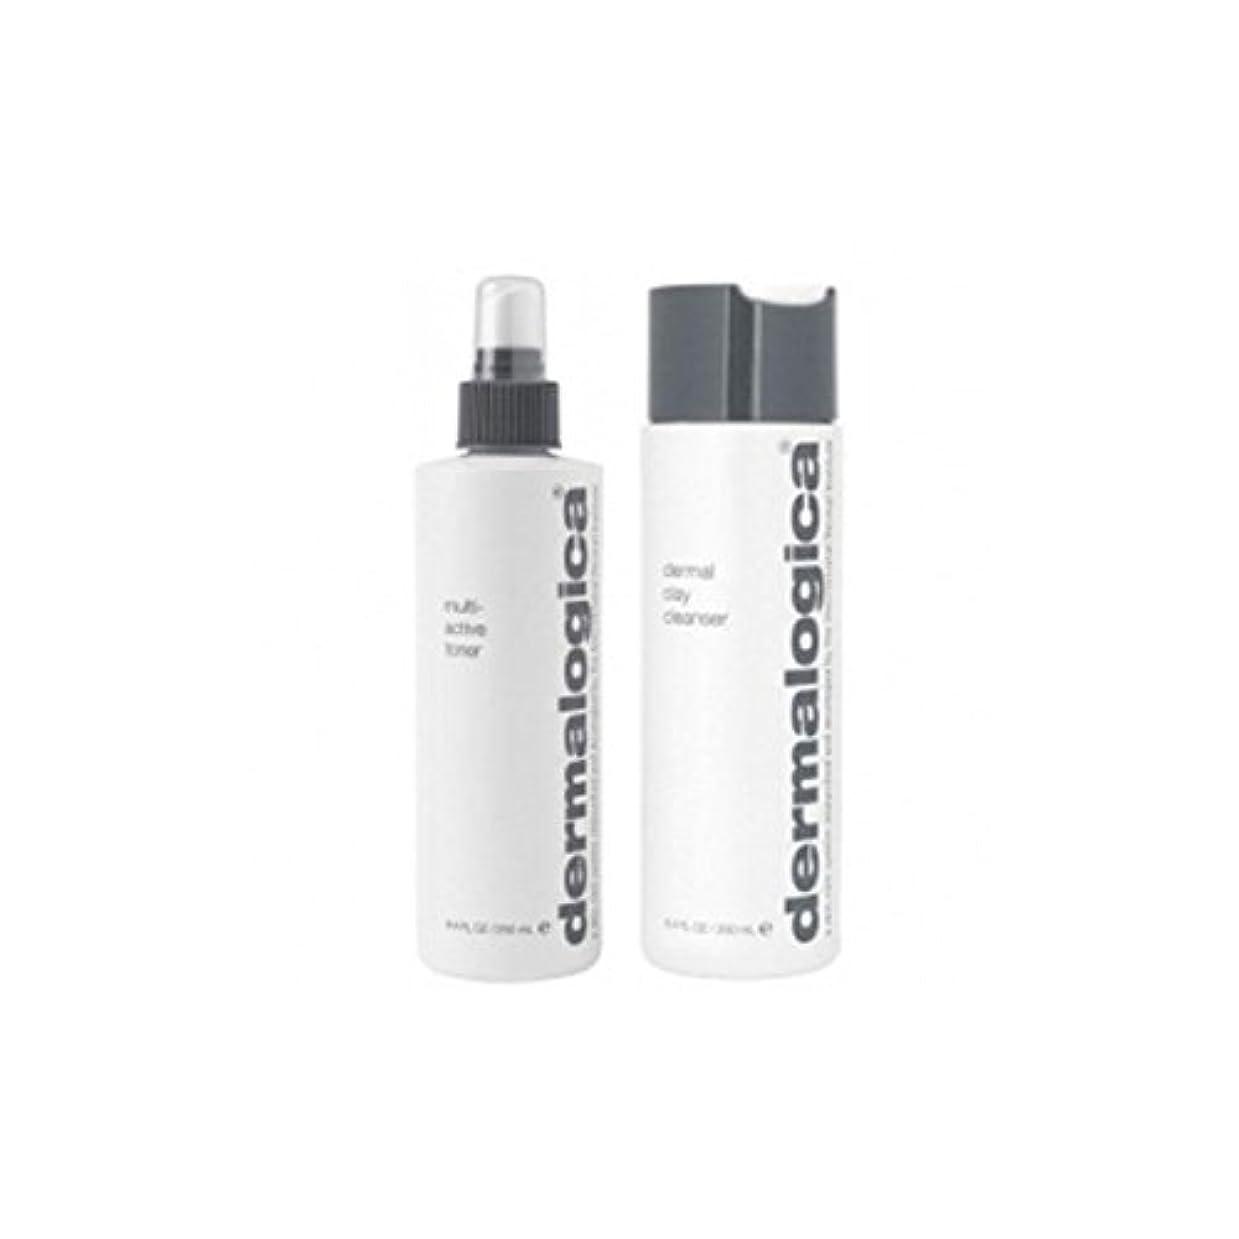 クラッシュ証拠エントリダーマロジカクレンジング&トーンデュオ - 脂性肌(2製品) x4 - Dermalogica Cleanse & Tone Duo - Oily Skin (2 Products) (Pack of 4) [並行輸入品]